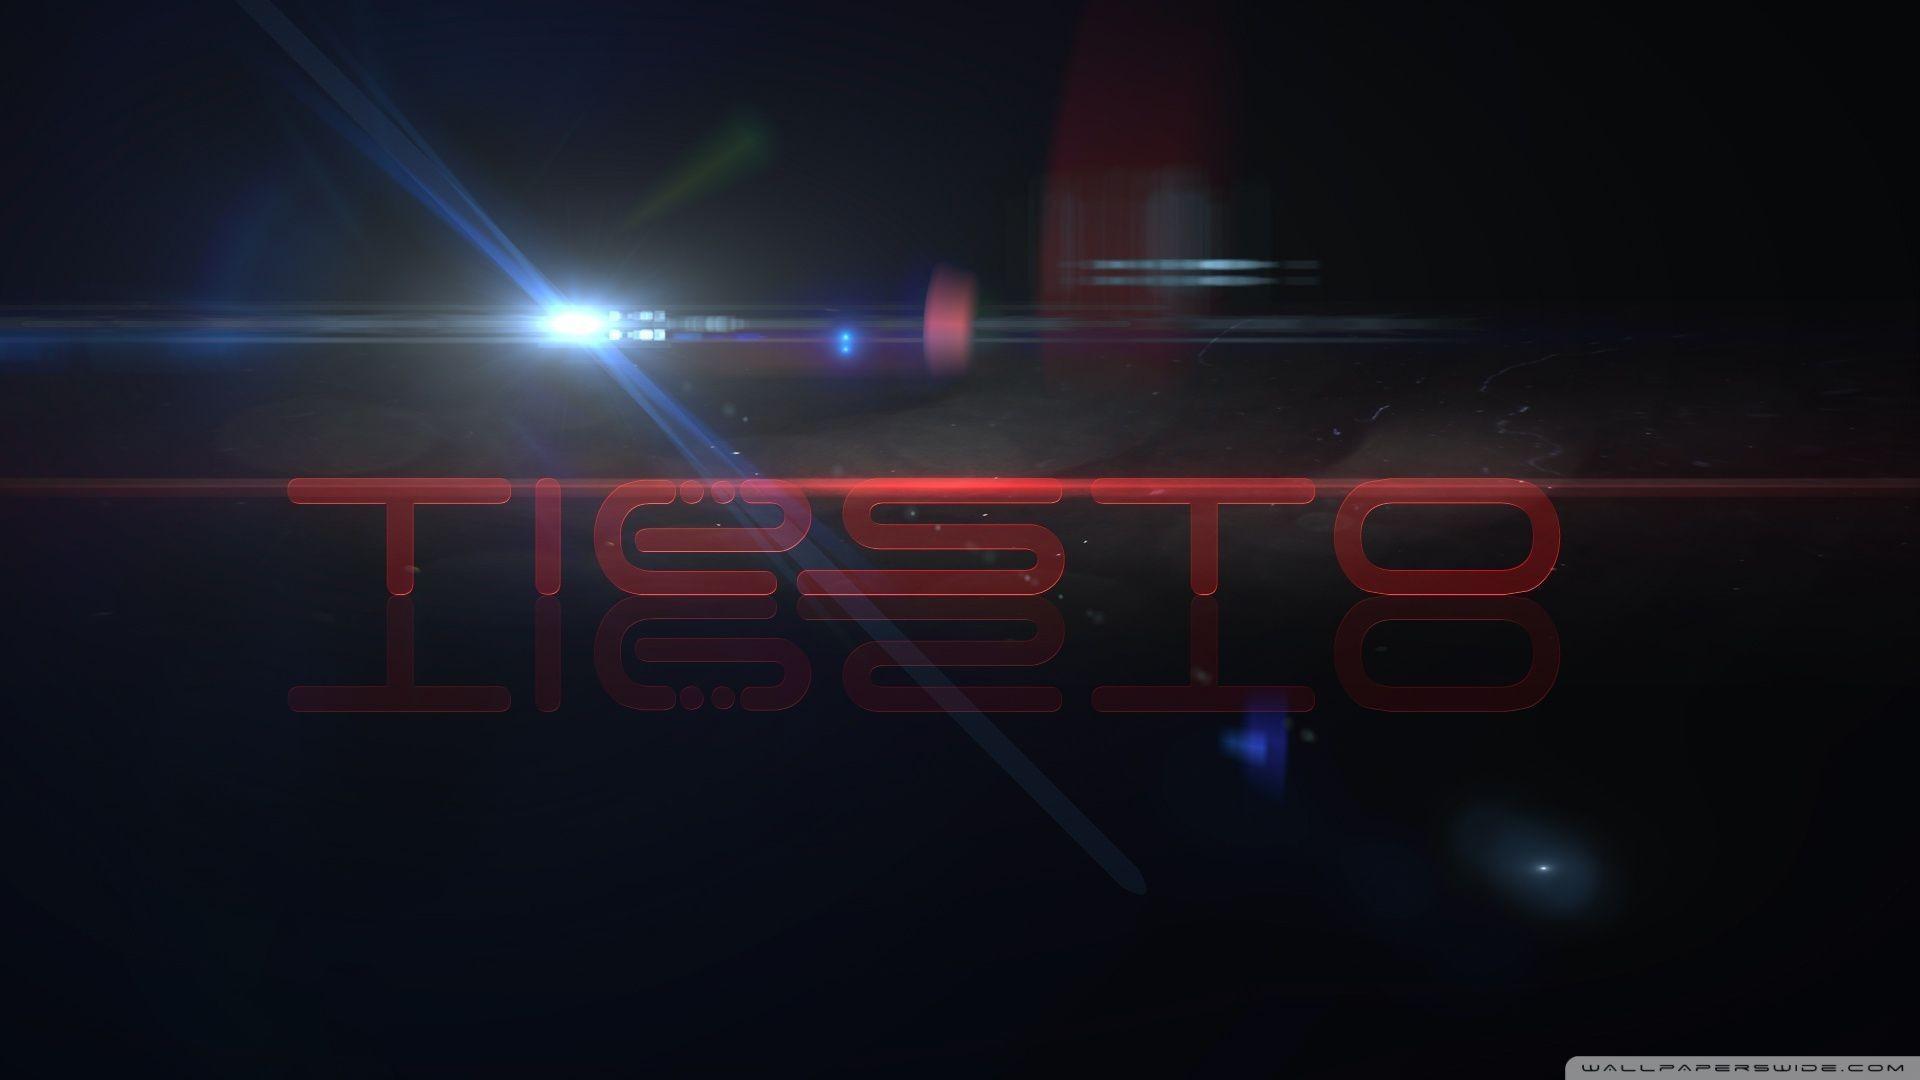 Tiesto Albums – wallpaper.